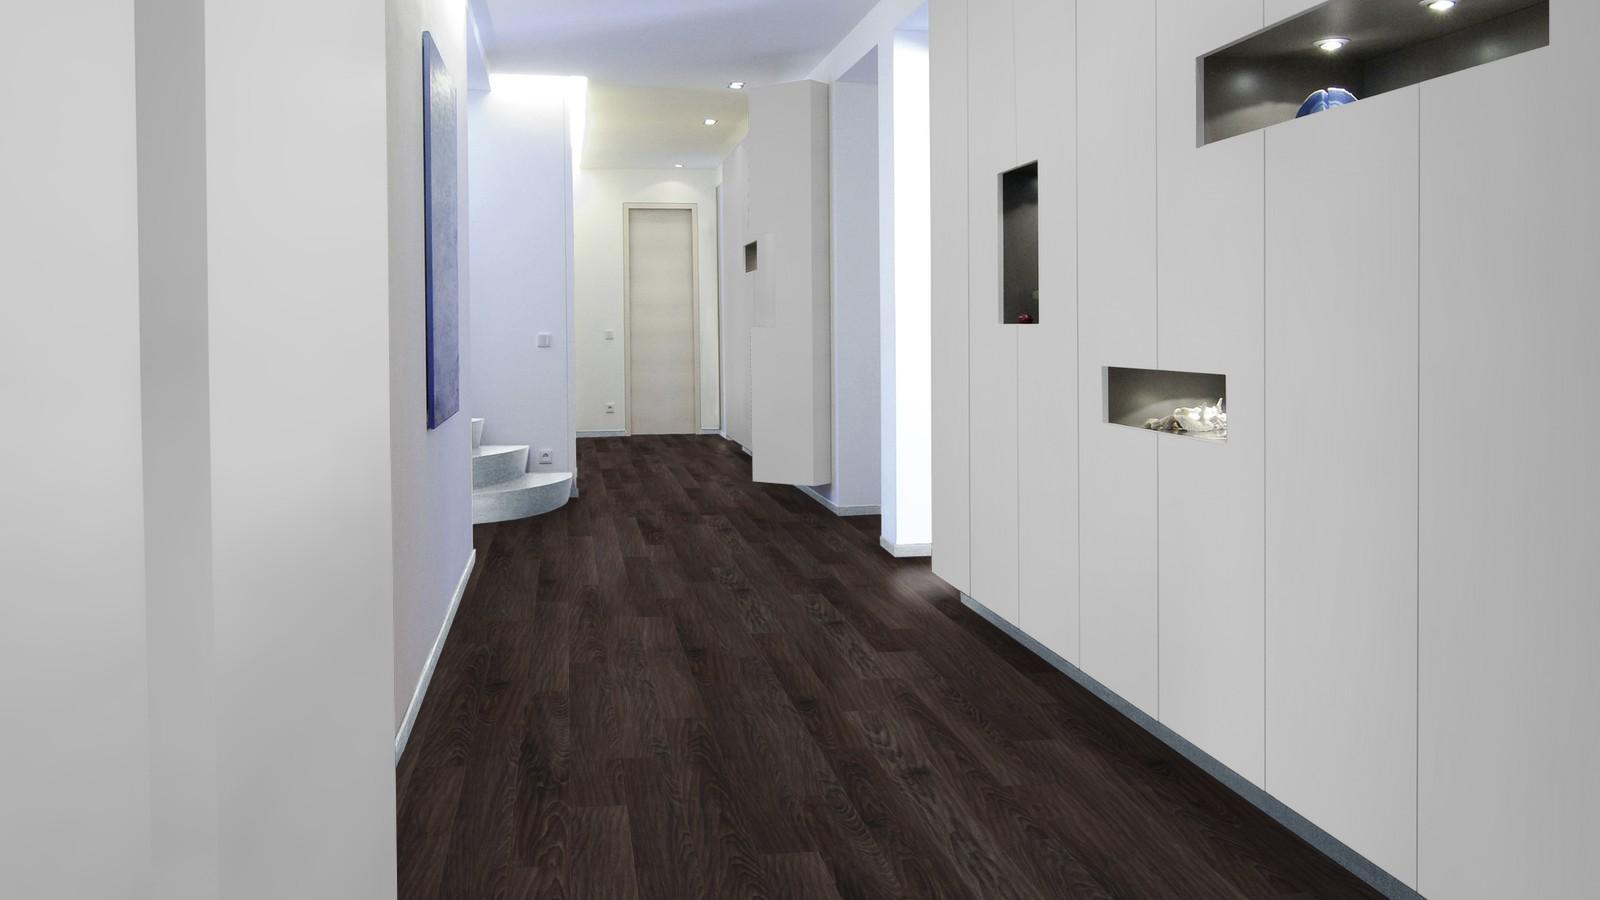 Ламинат венге в коридоре